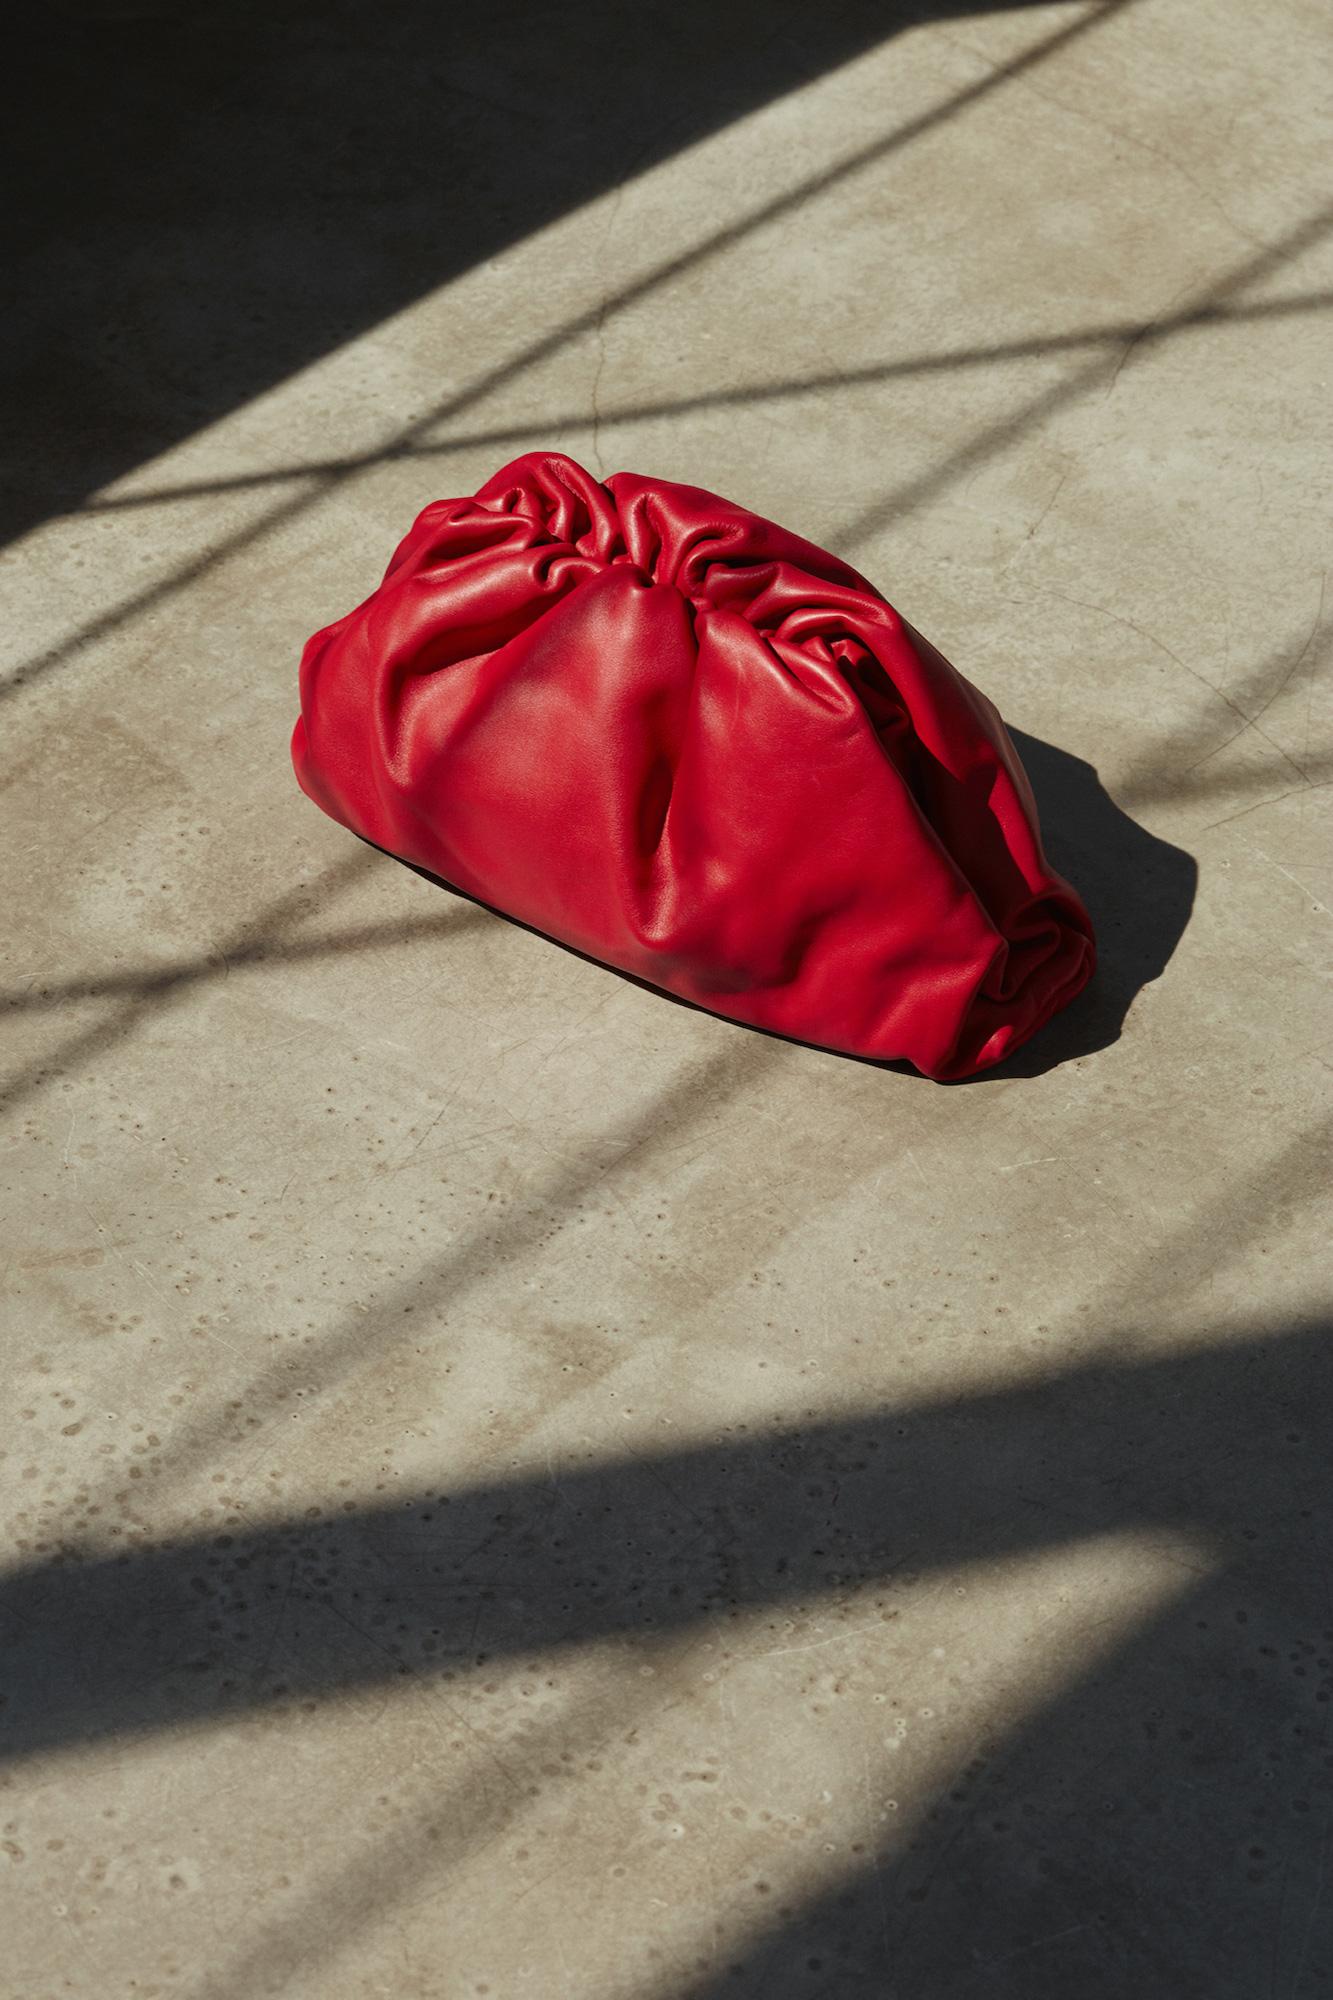 Từ Bottega Veneta: Tag ngay nửa kia vào 4 gợi ý quà Noel cho quý cô yêu thời trang - Ảnh 2.